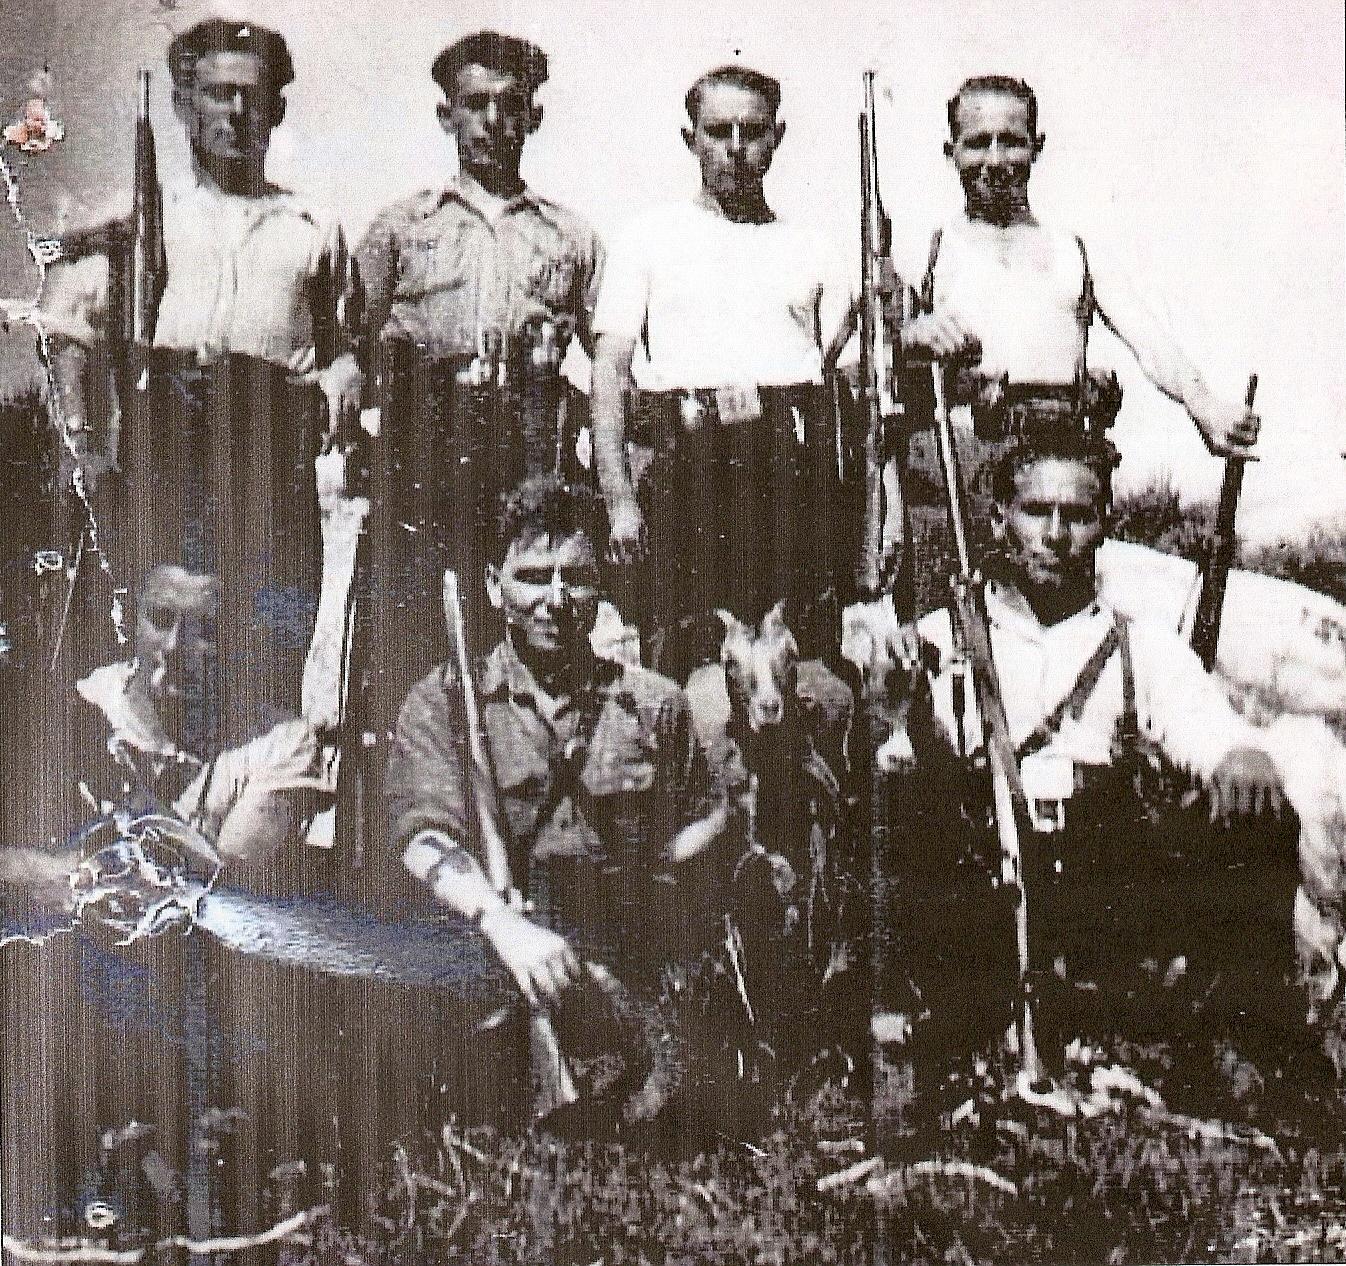 Única foto conocida de la partida del Santeiro, desconociéndose lugar y fecha.